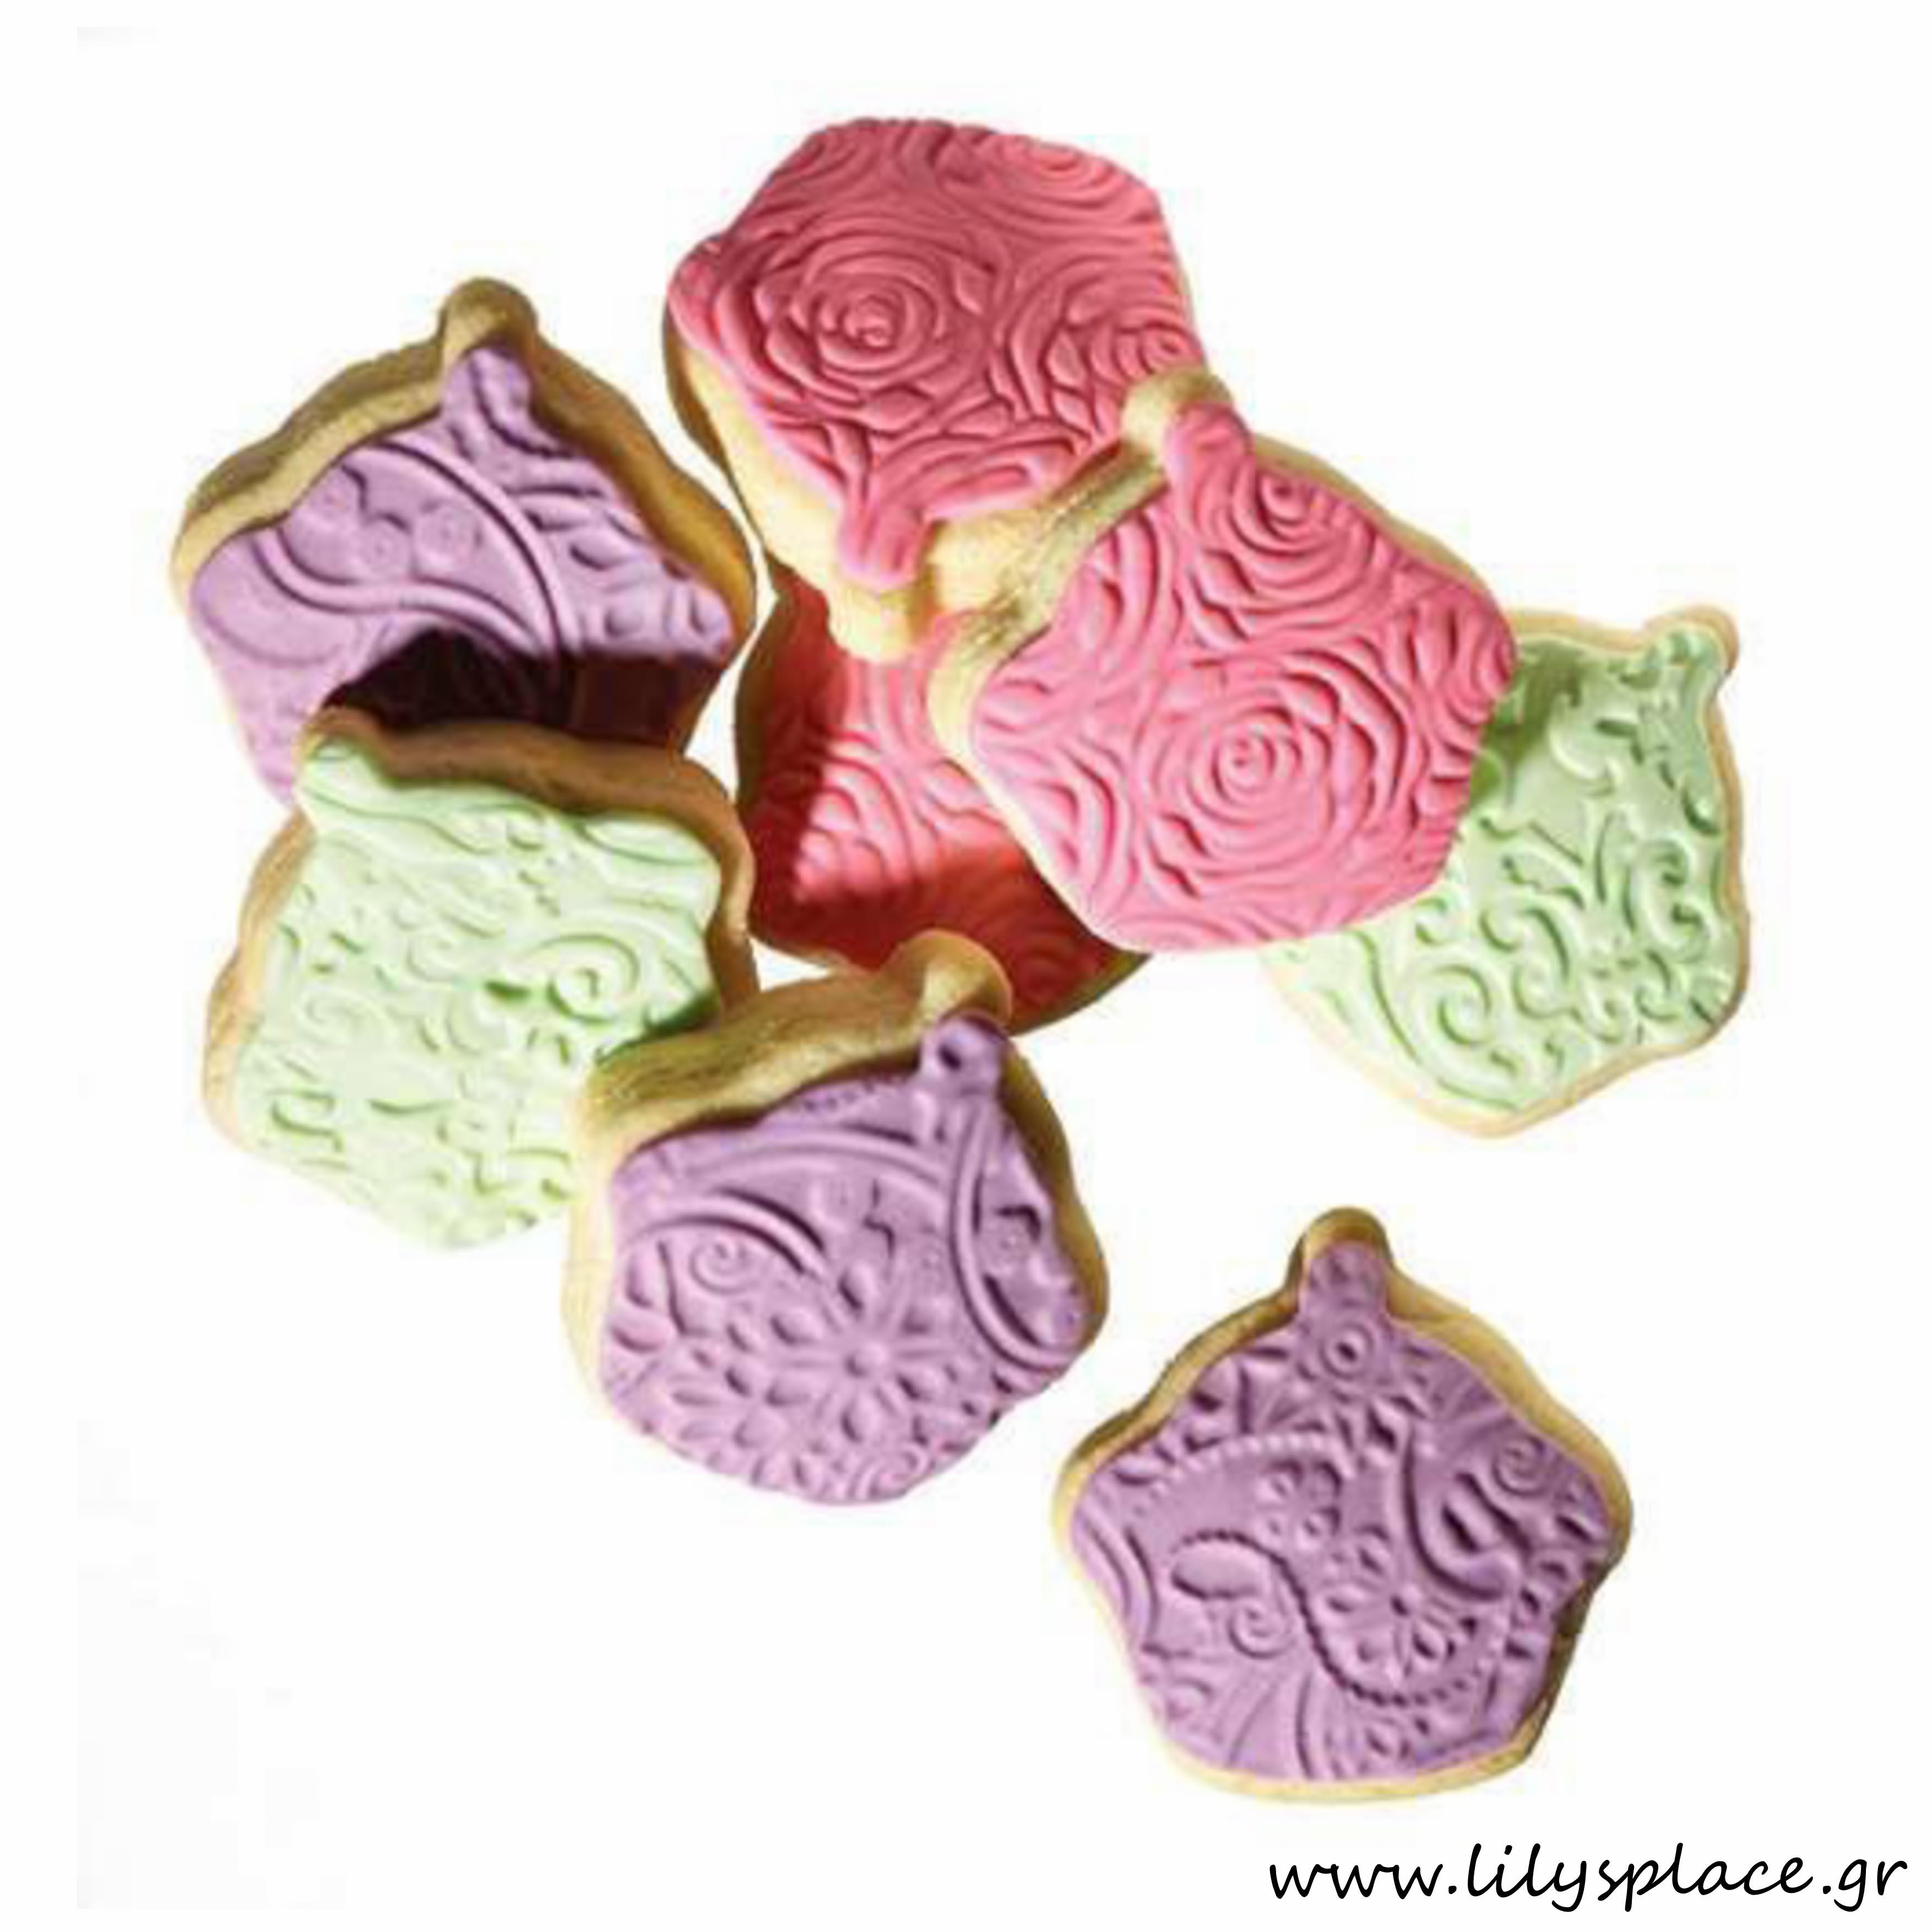 Μπισκότα βάπτισης μπουκίτσες κιλού cupcakes